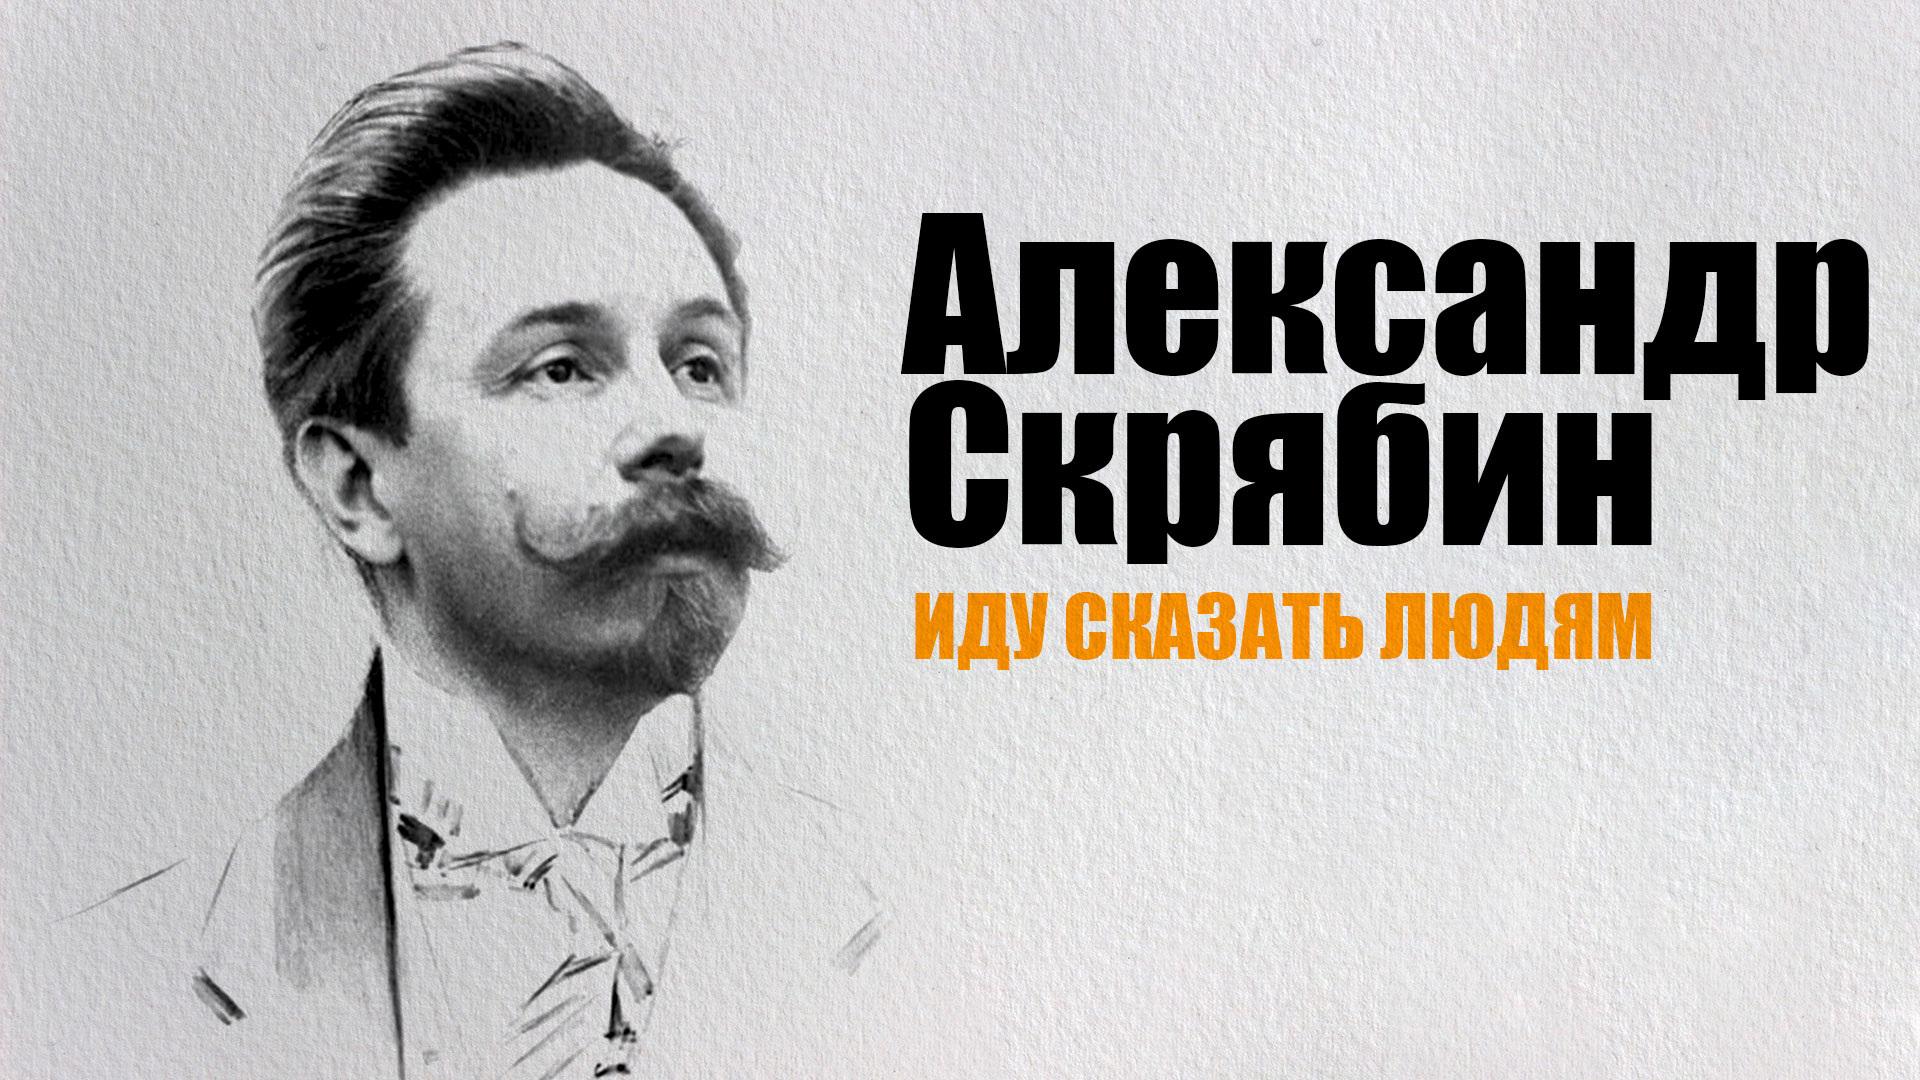 Александр Скрябин. Иду сказать людям…